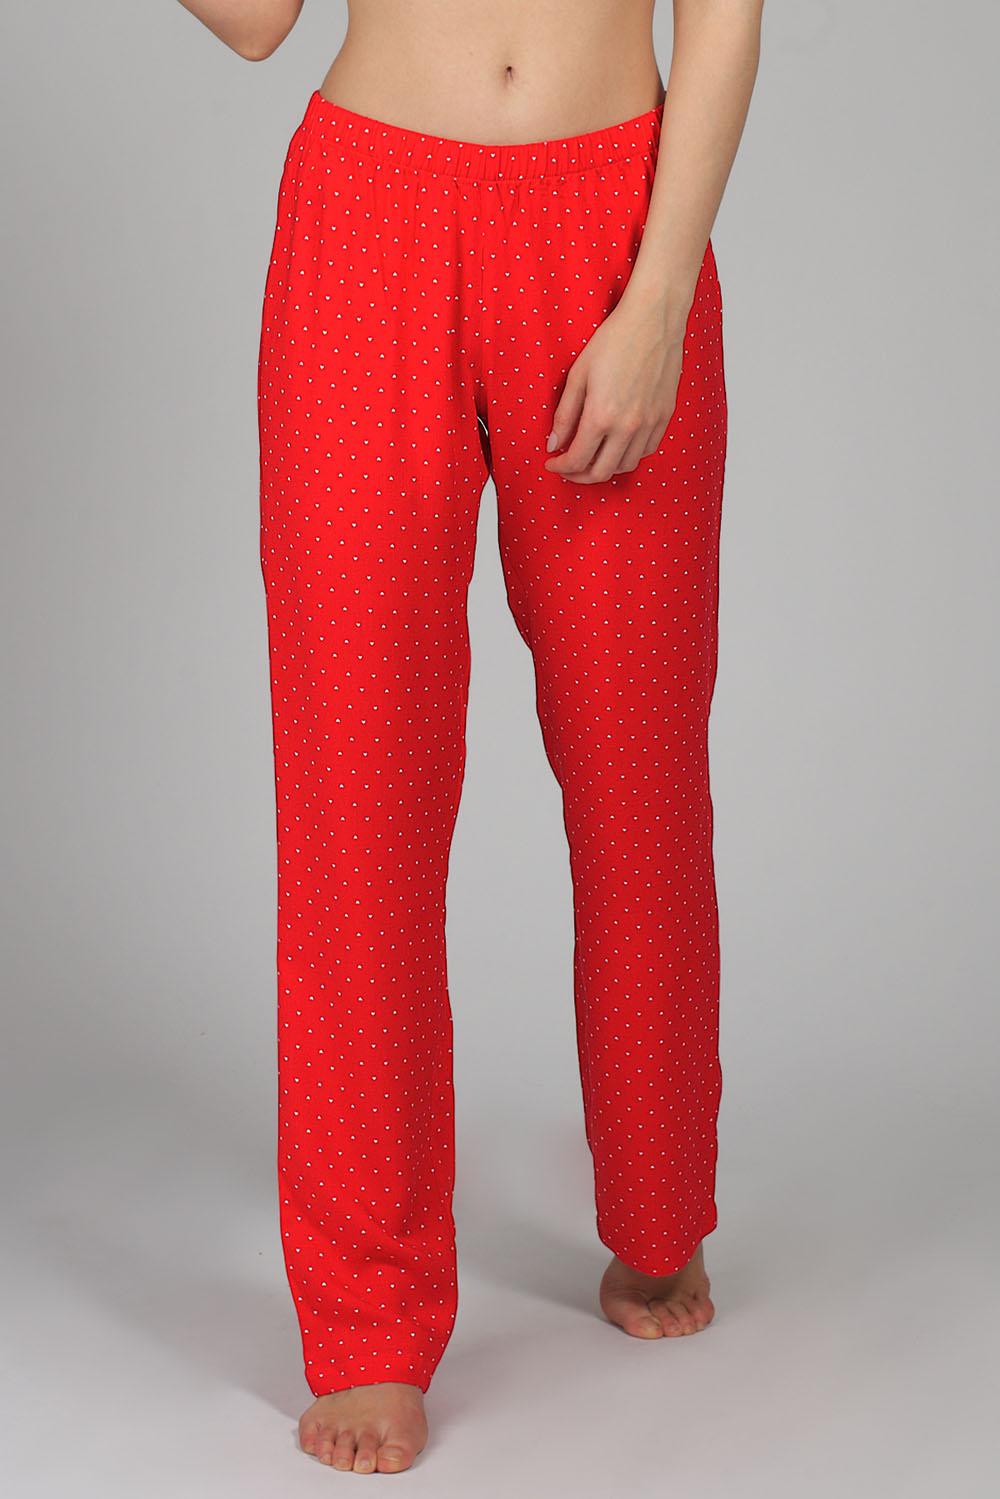 Hays Kadın Kalp Baskılı Pijama Altı